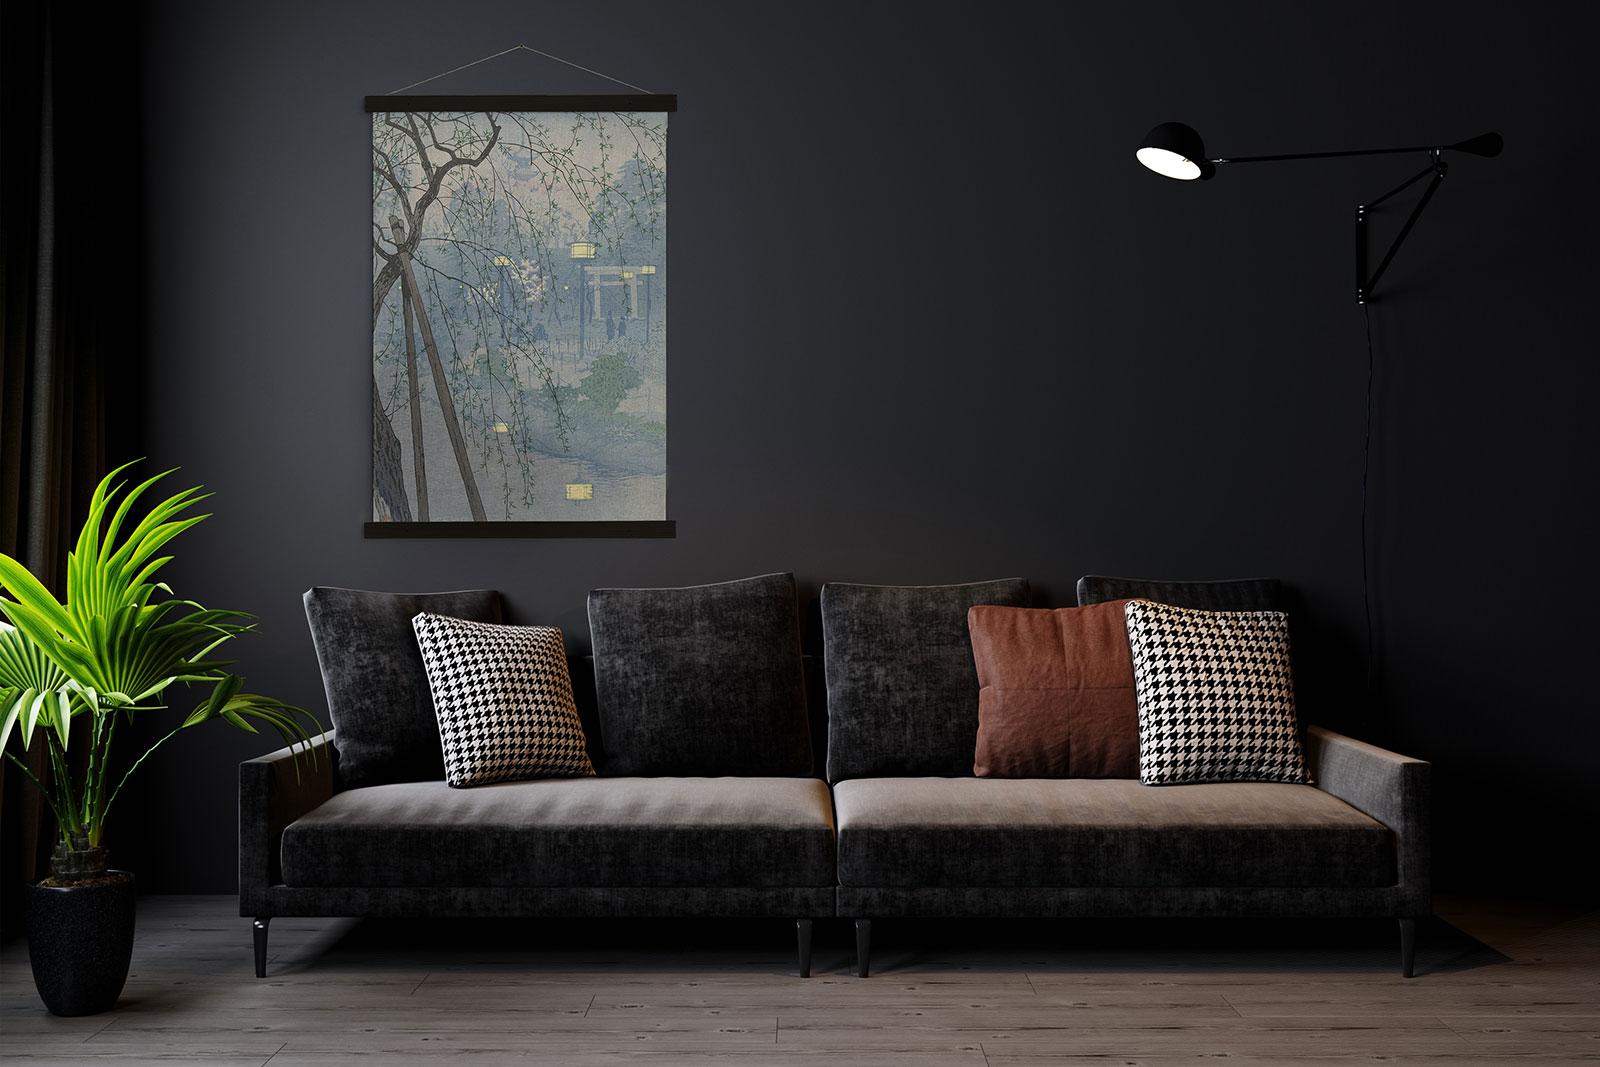 Wandkleed op donkere muur in japanse stijl